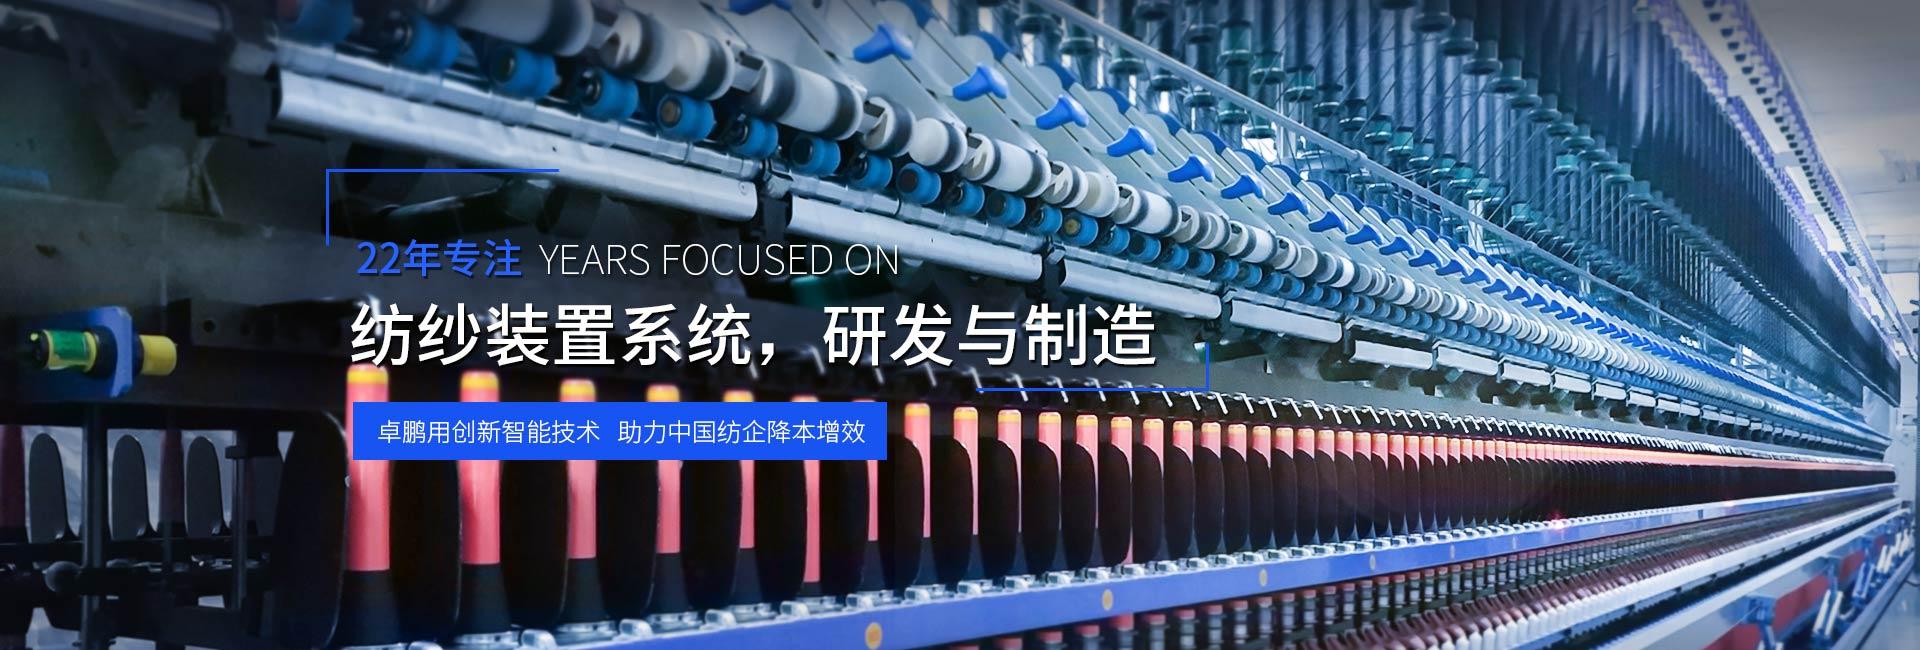 2019上海国际纺织工业展,卓鹏在E3馆等您!